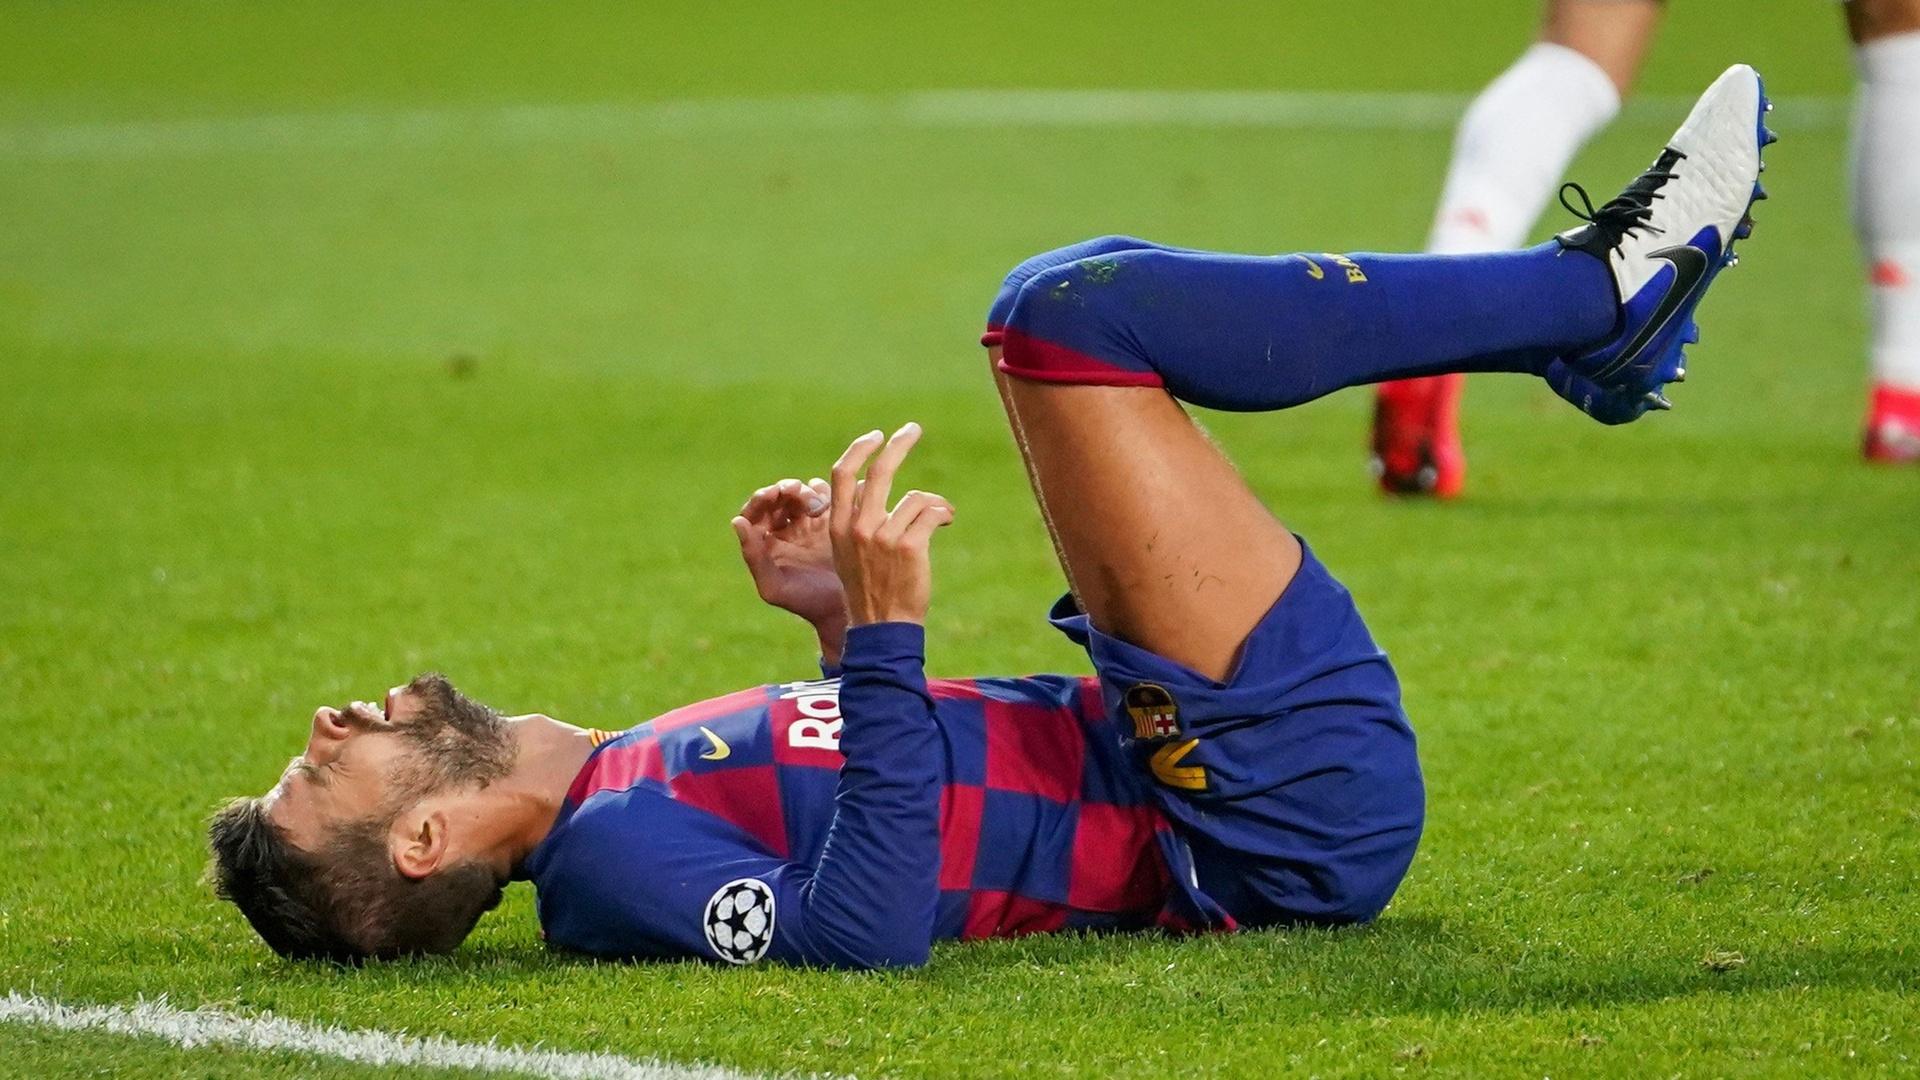 برشلونة يعلن إصابة بيكيه وروبيرتو بعد التعثر أمام أتلتيكو